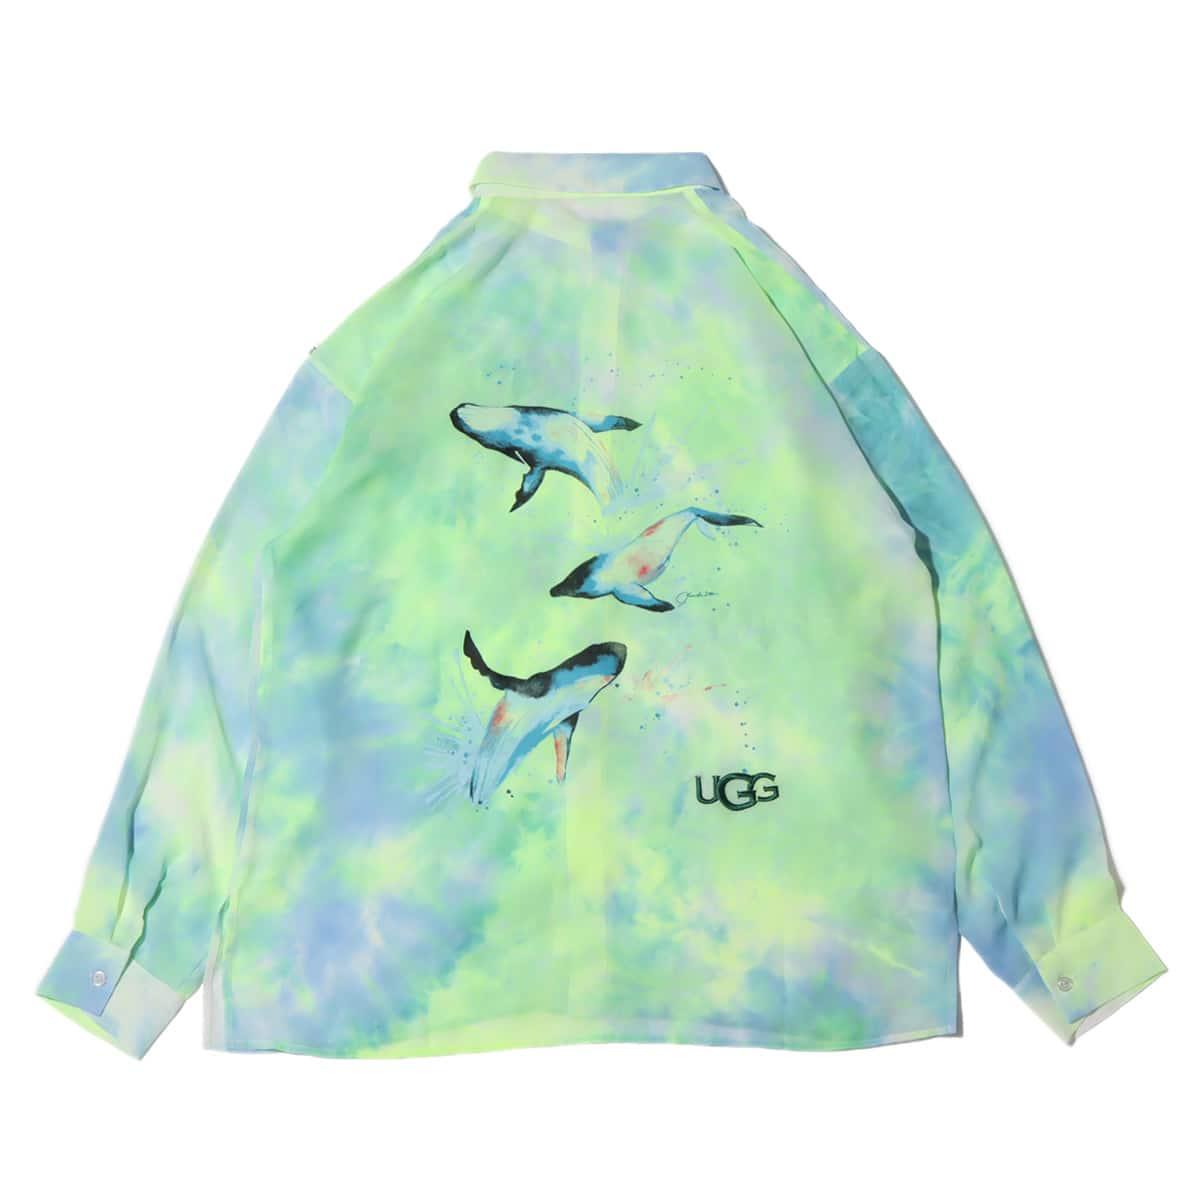 UGG×伊東楓 グラフィック タイダイシースルーシャツ GREEN 21FW-I_photo_large